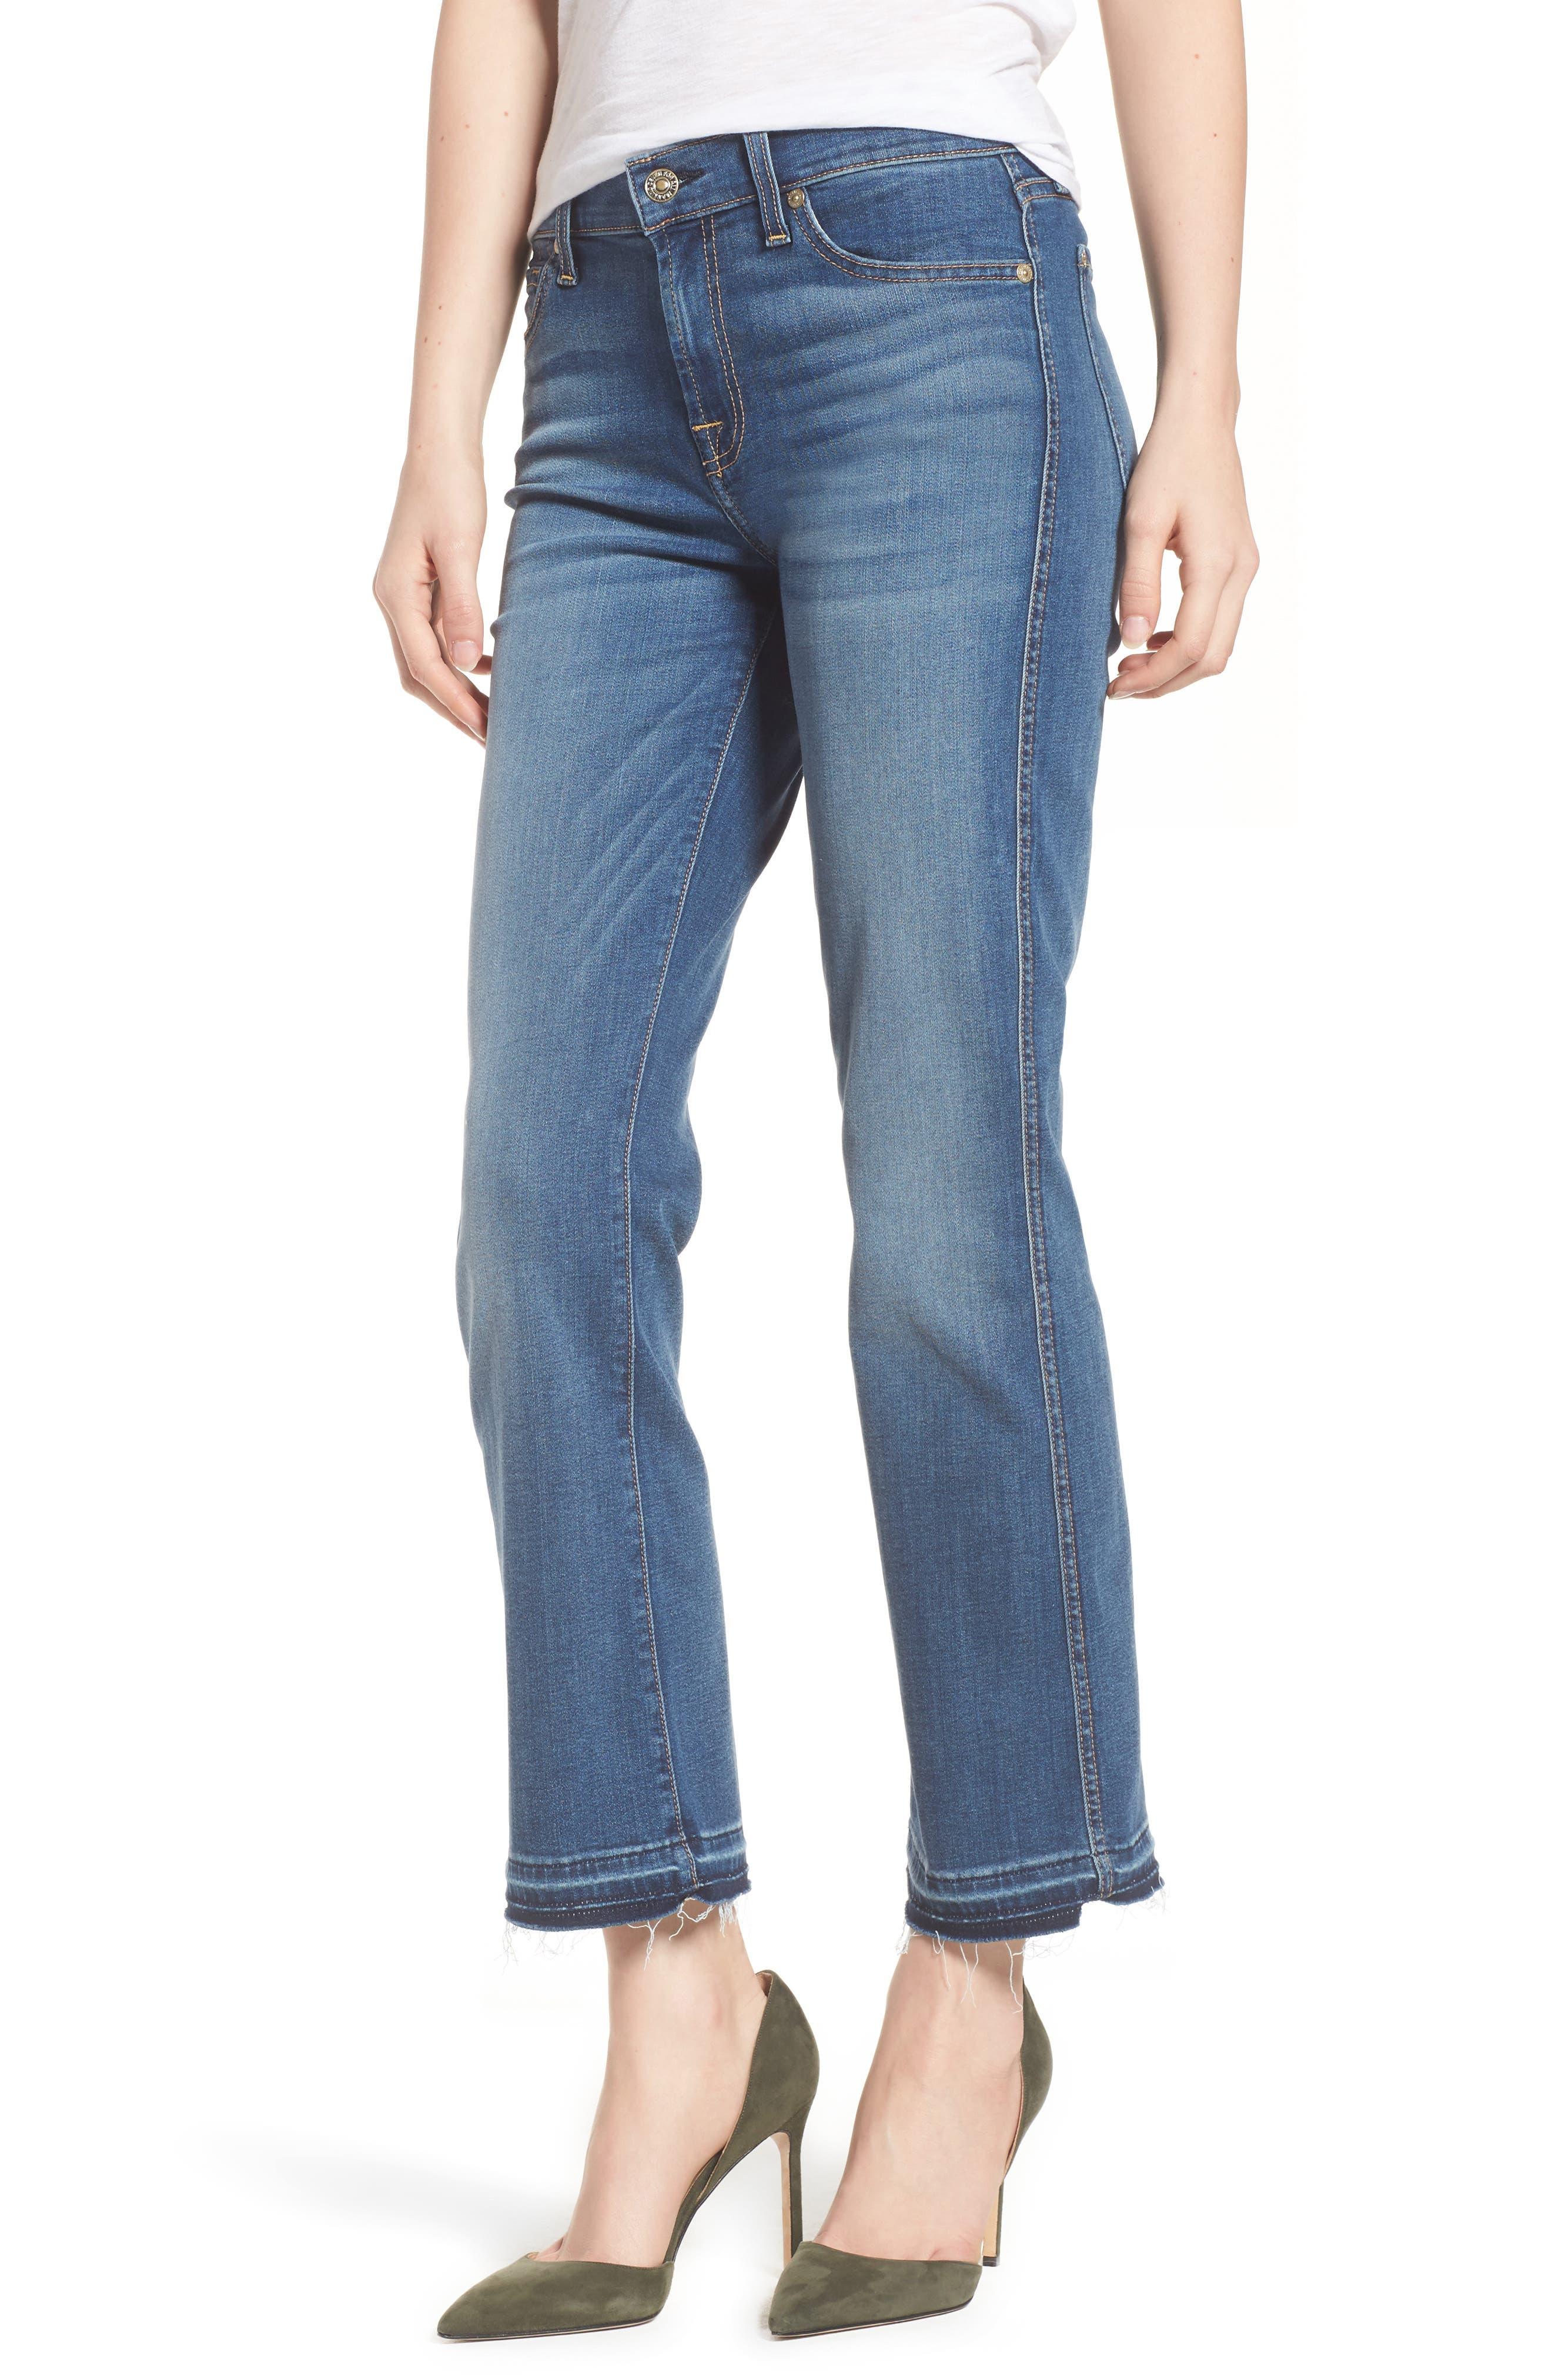 b(air) Crop Bootcut Jeans,                             Main thumbnail 1, color,                             Bair Vintage Dusk